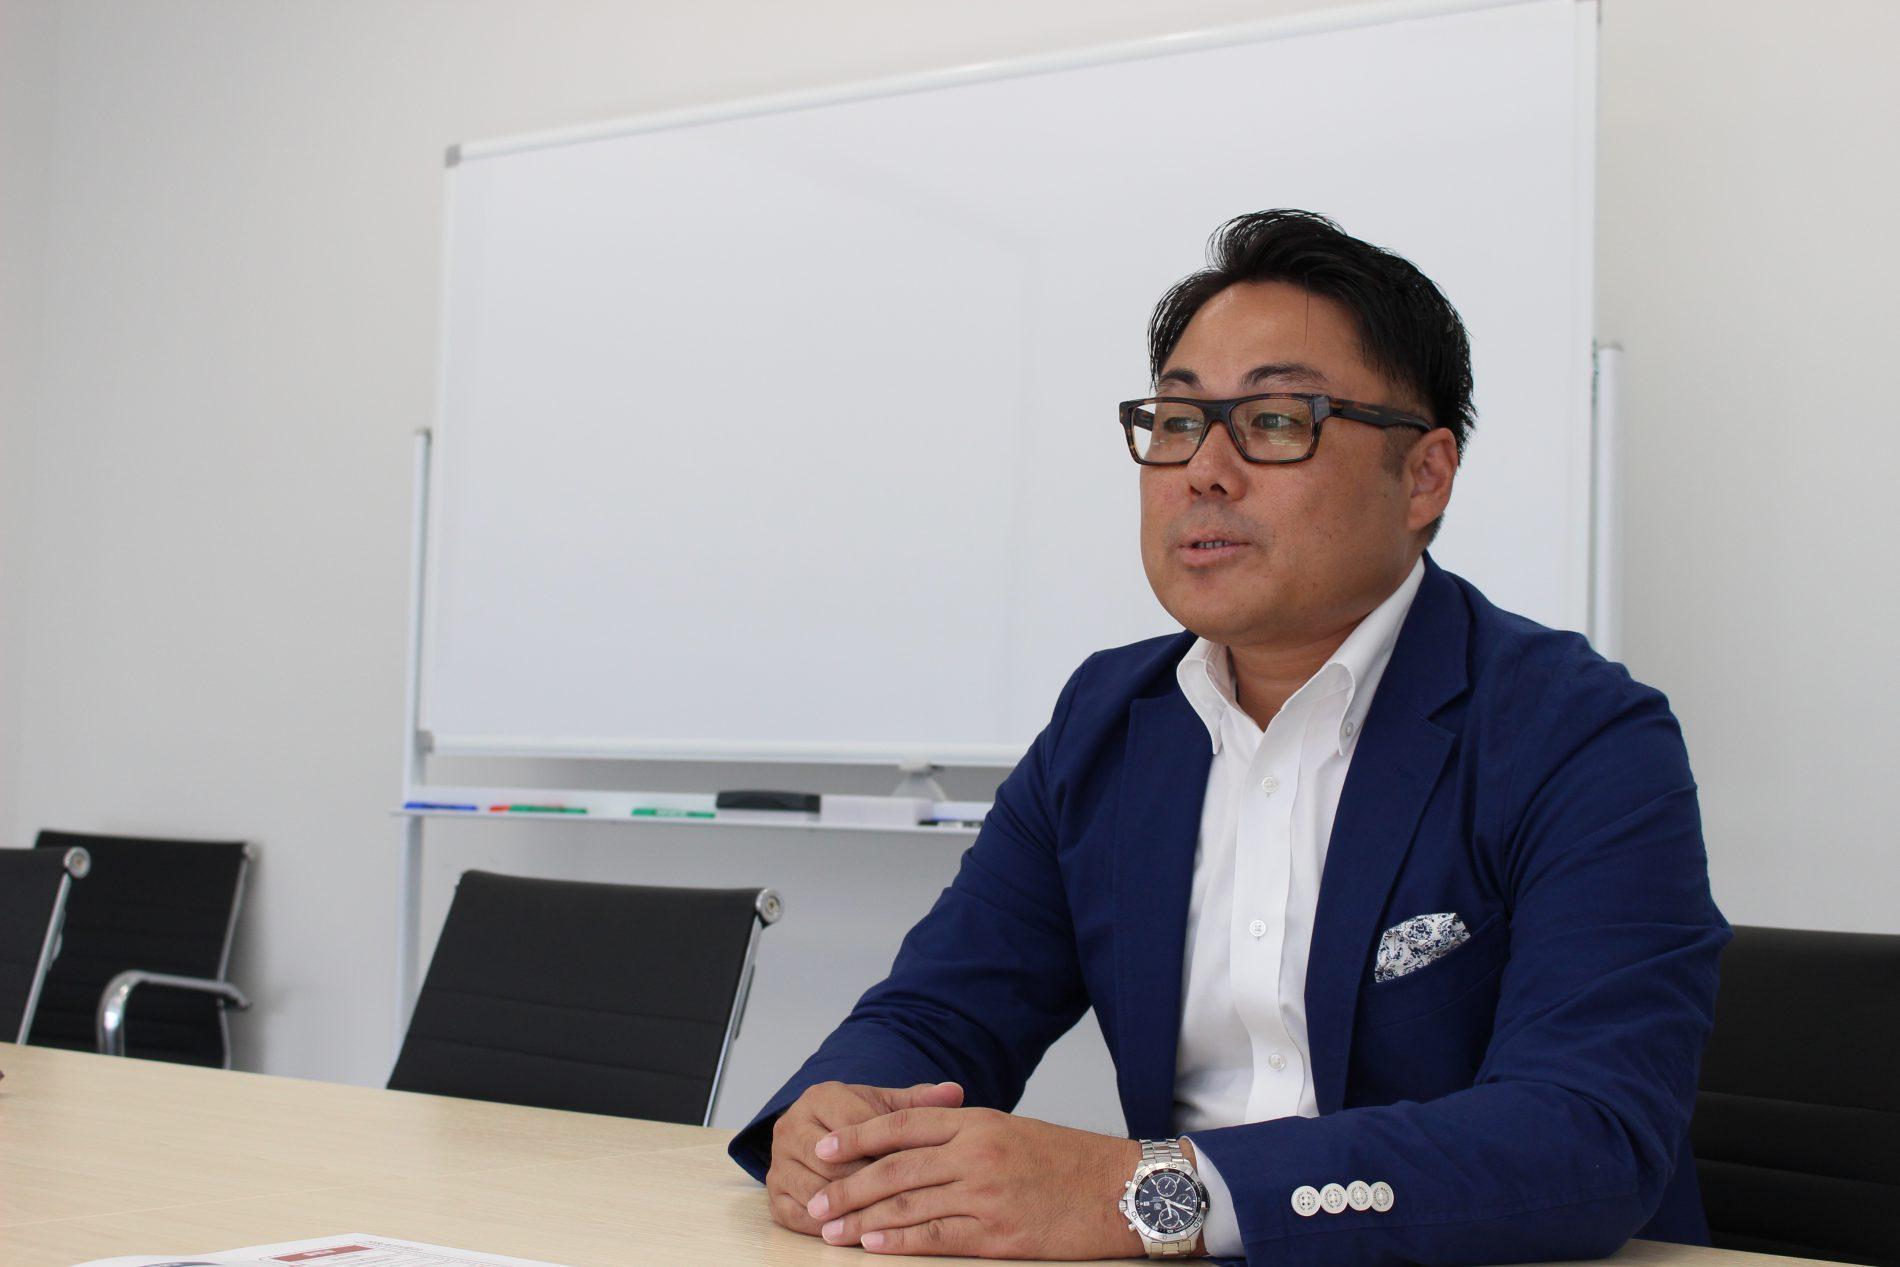 三宅宏通さんのインタビューシーン2